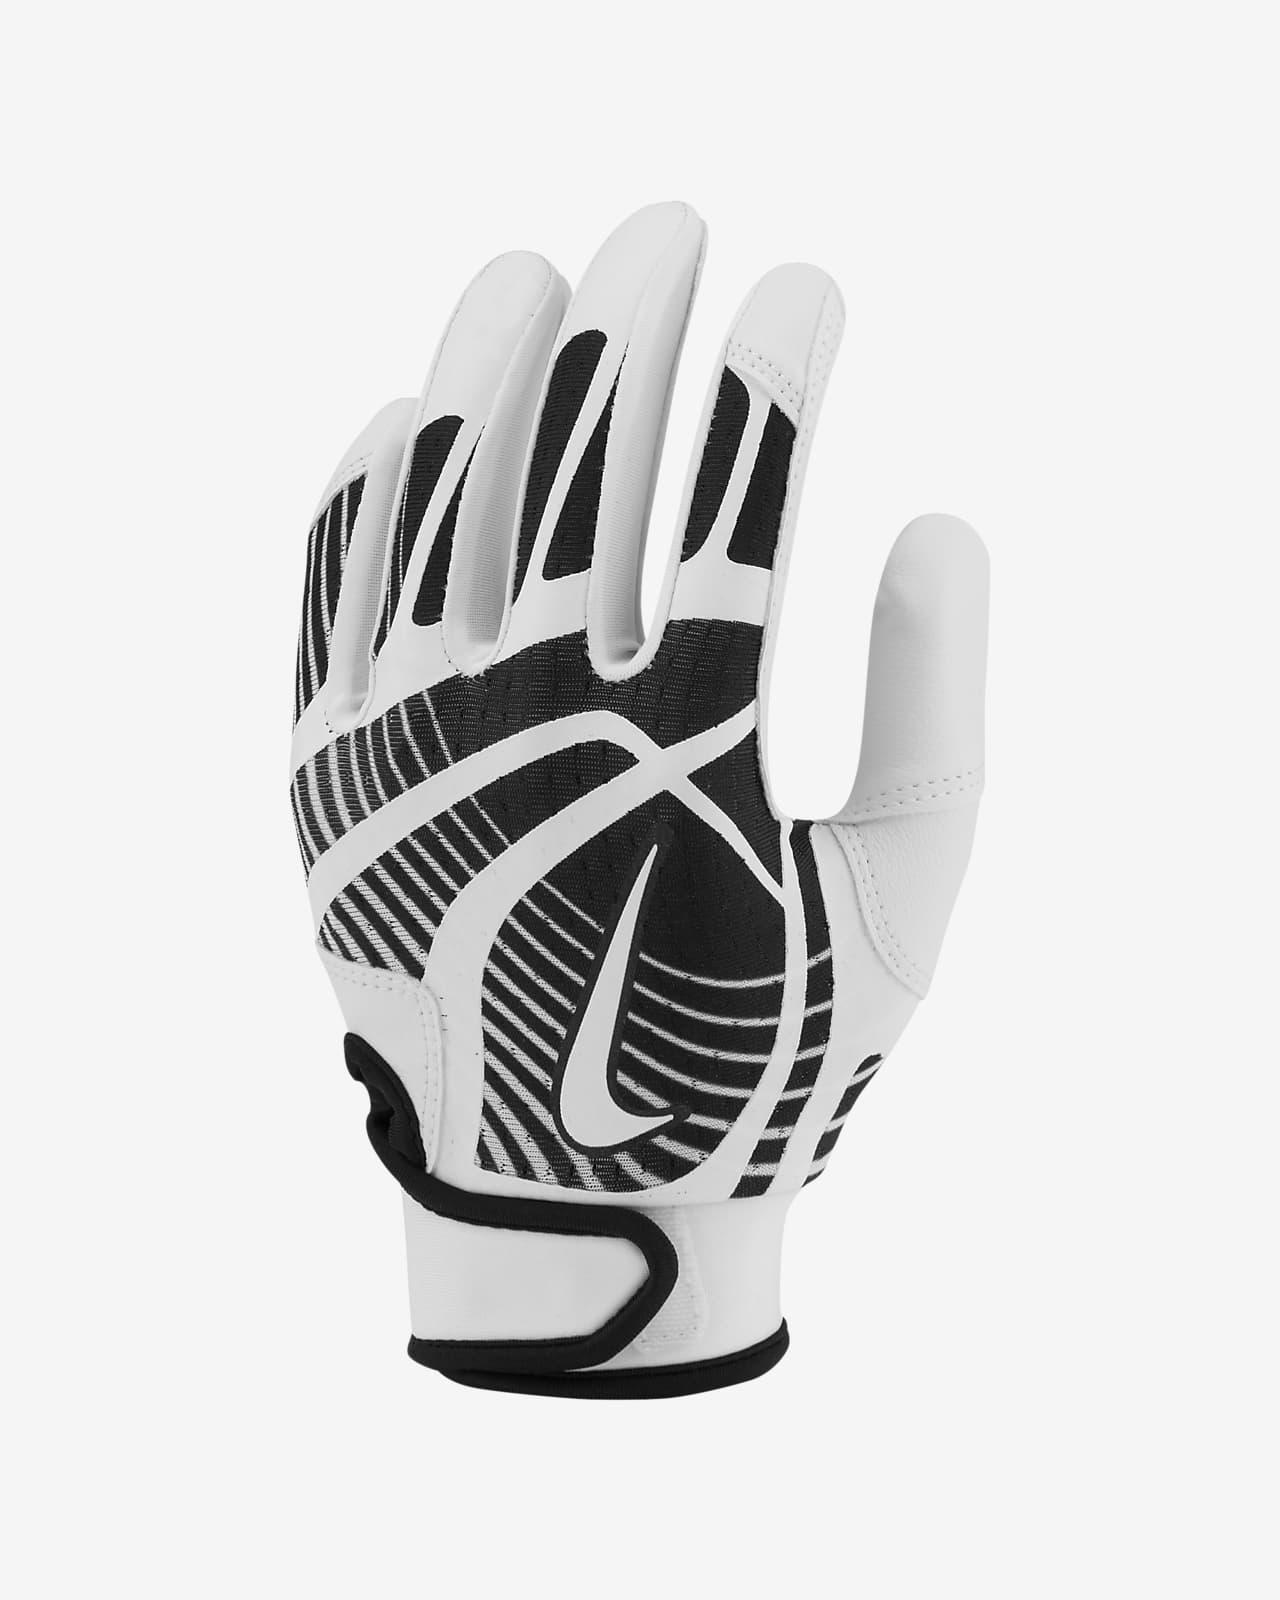 Nike Hyperdiamond Edge Kids' Softball Batting Gloves